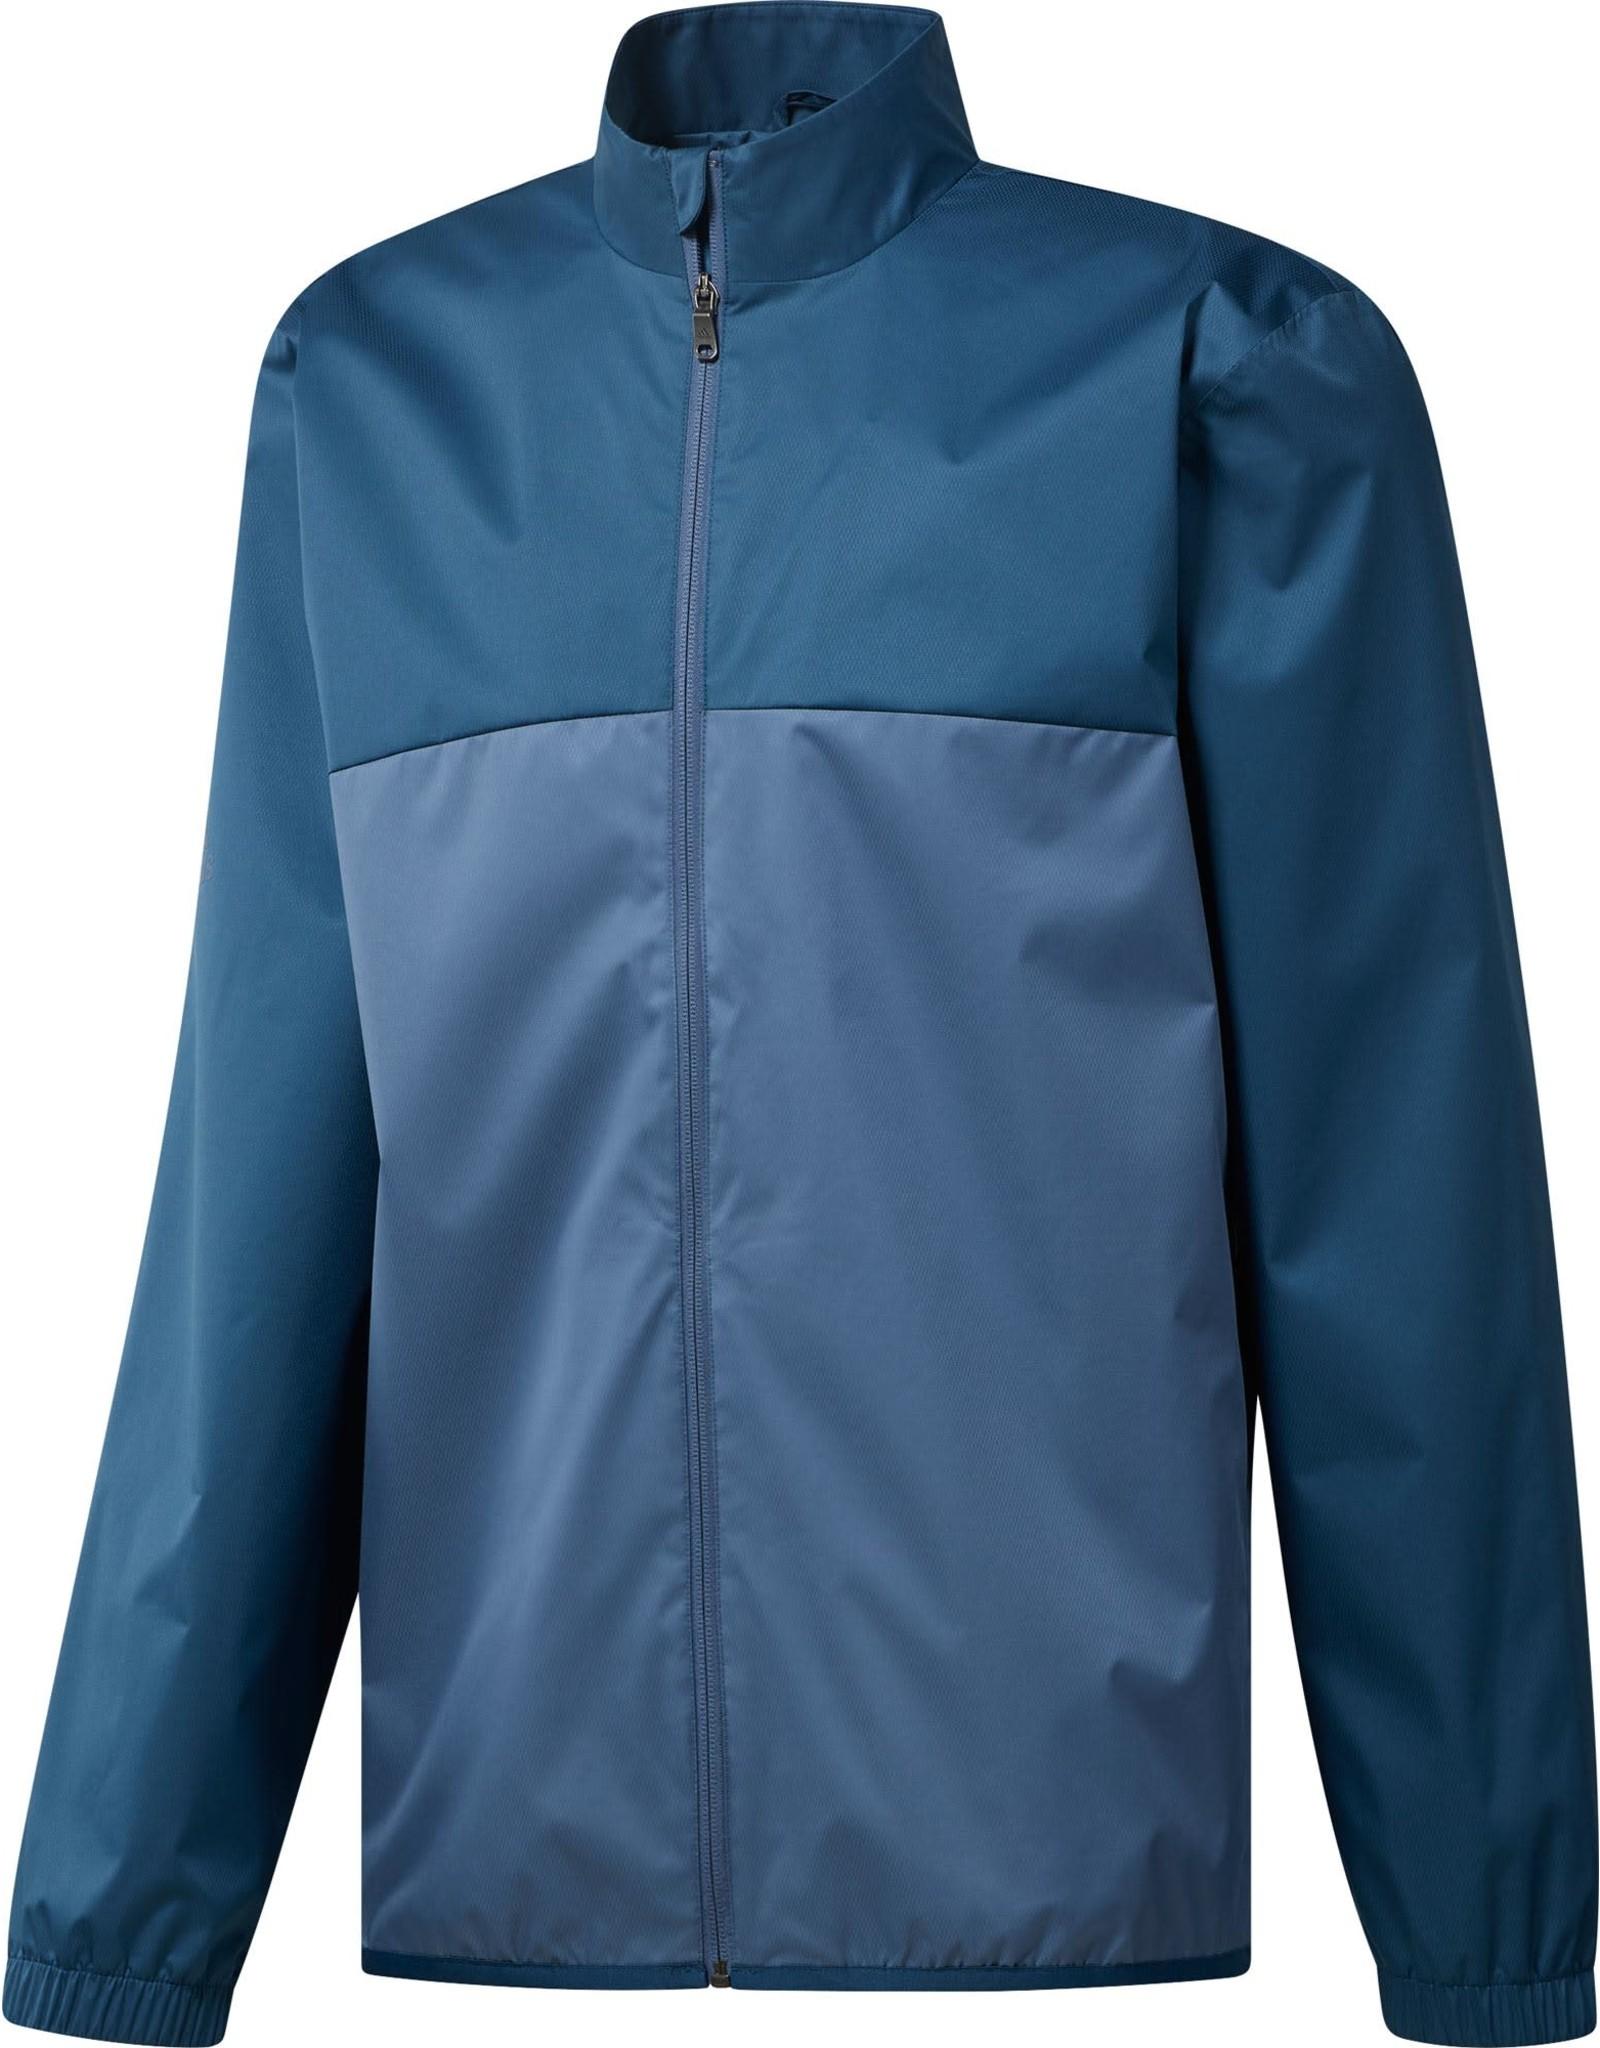 Adidas Adidas Rain Jacket Blue (CY9284)